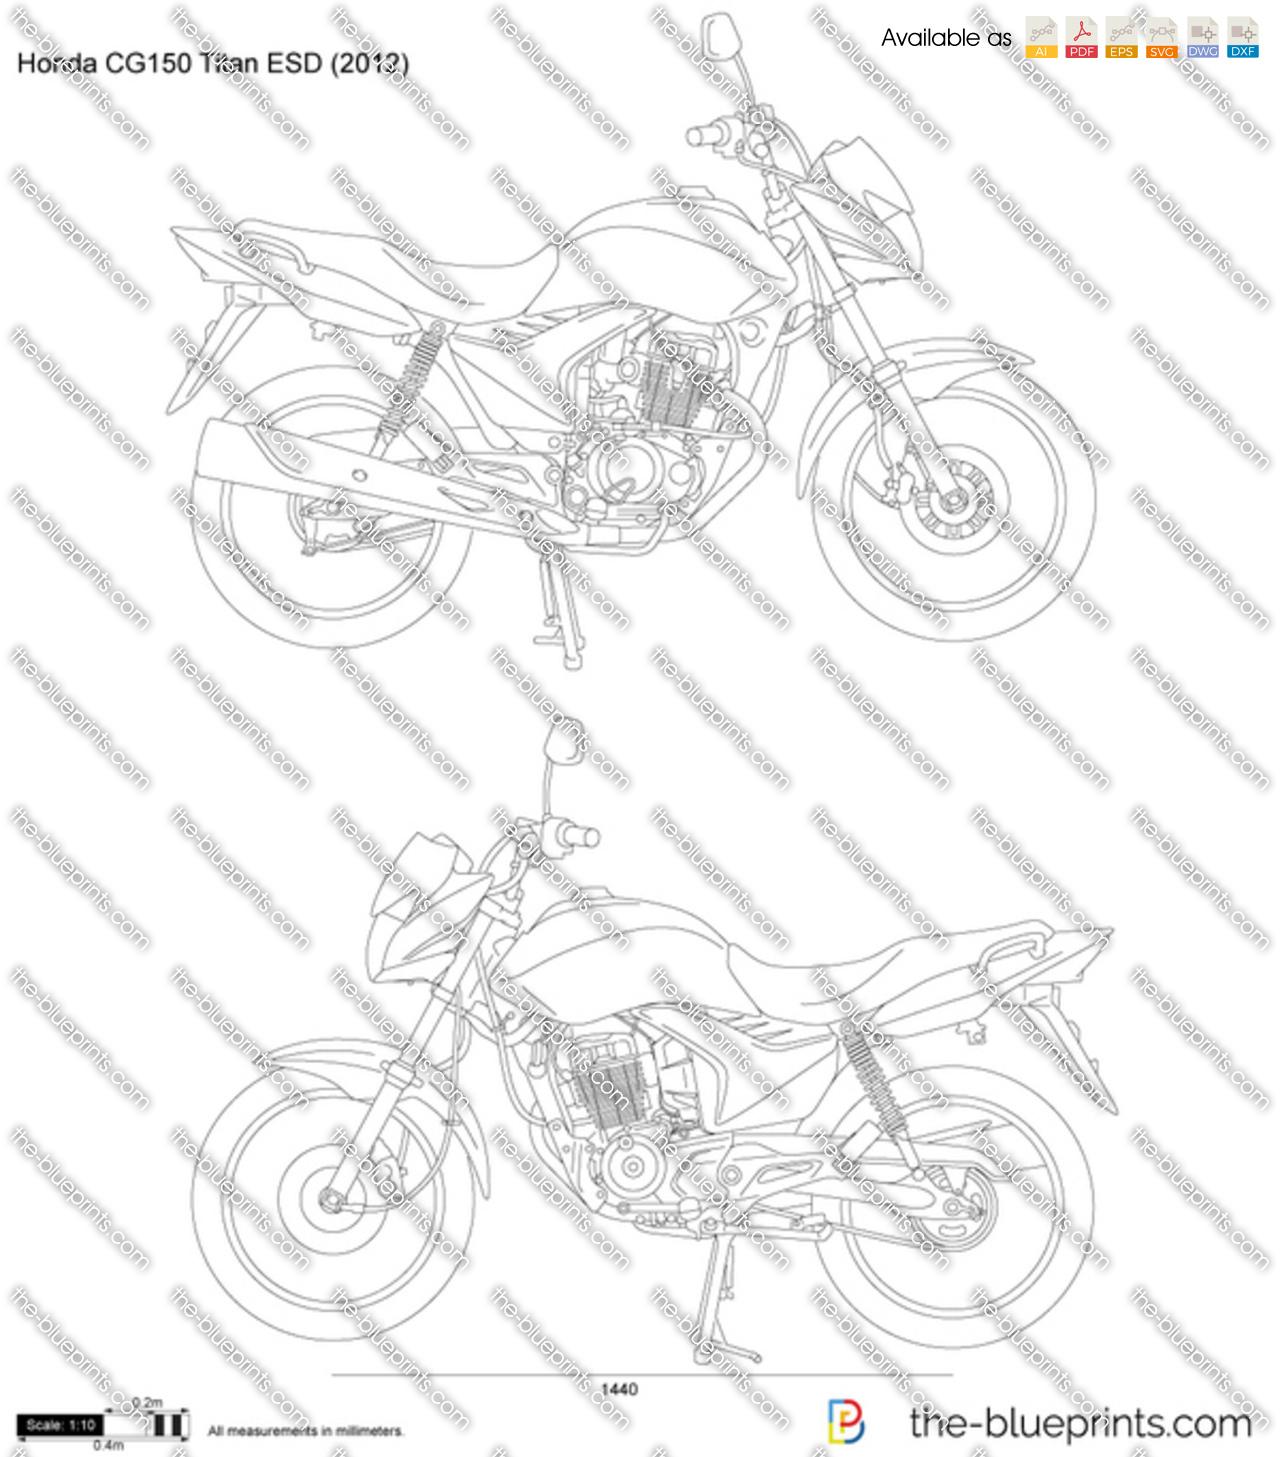 Honda CG150 Titan ESD